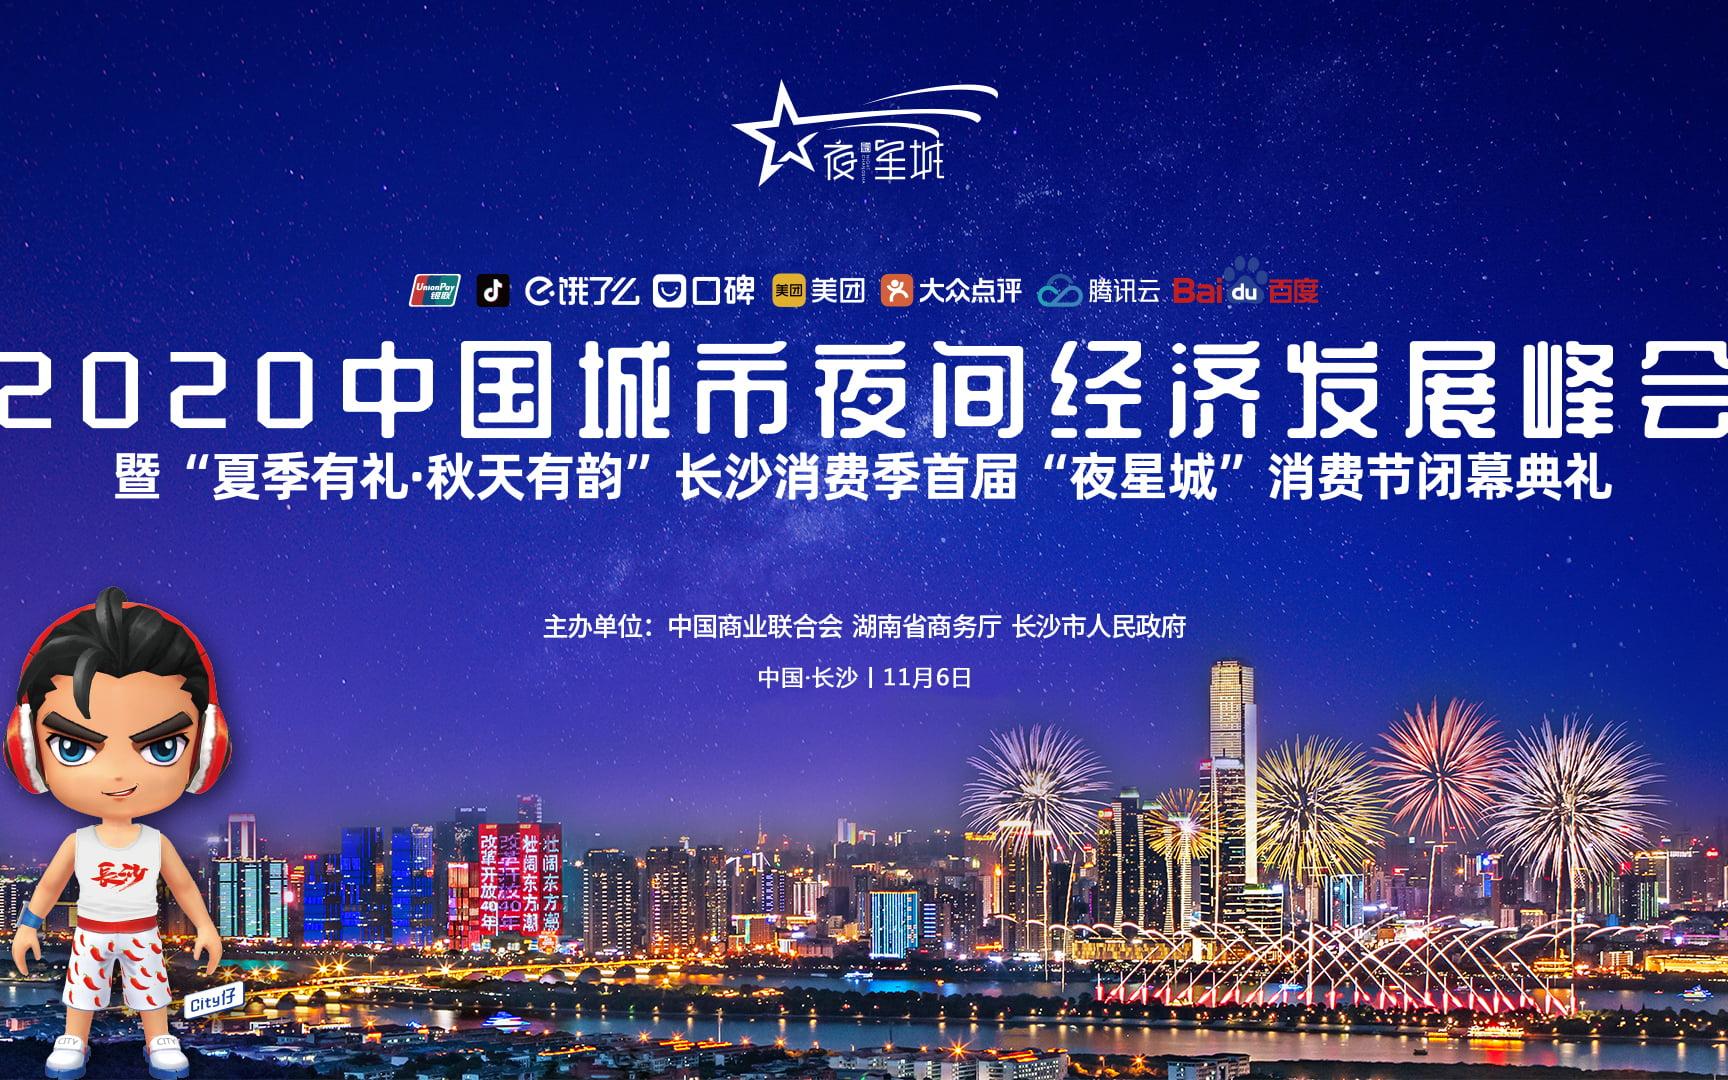 2020中国城市夜间经济发展峰会